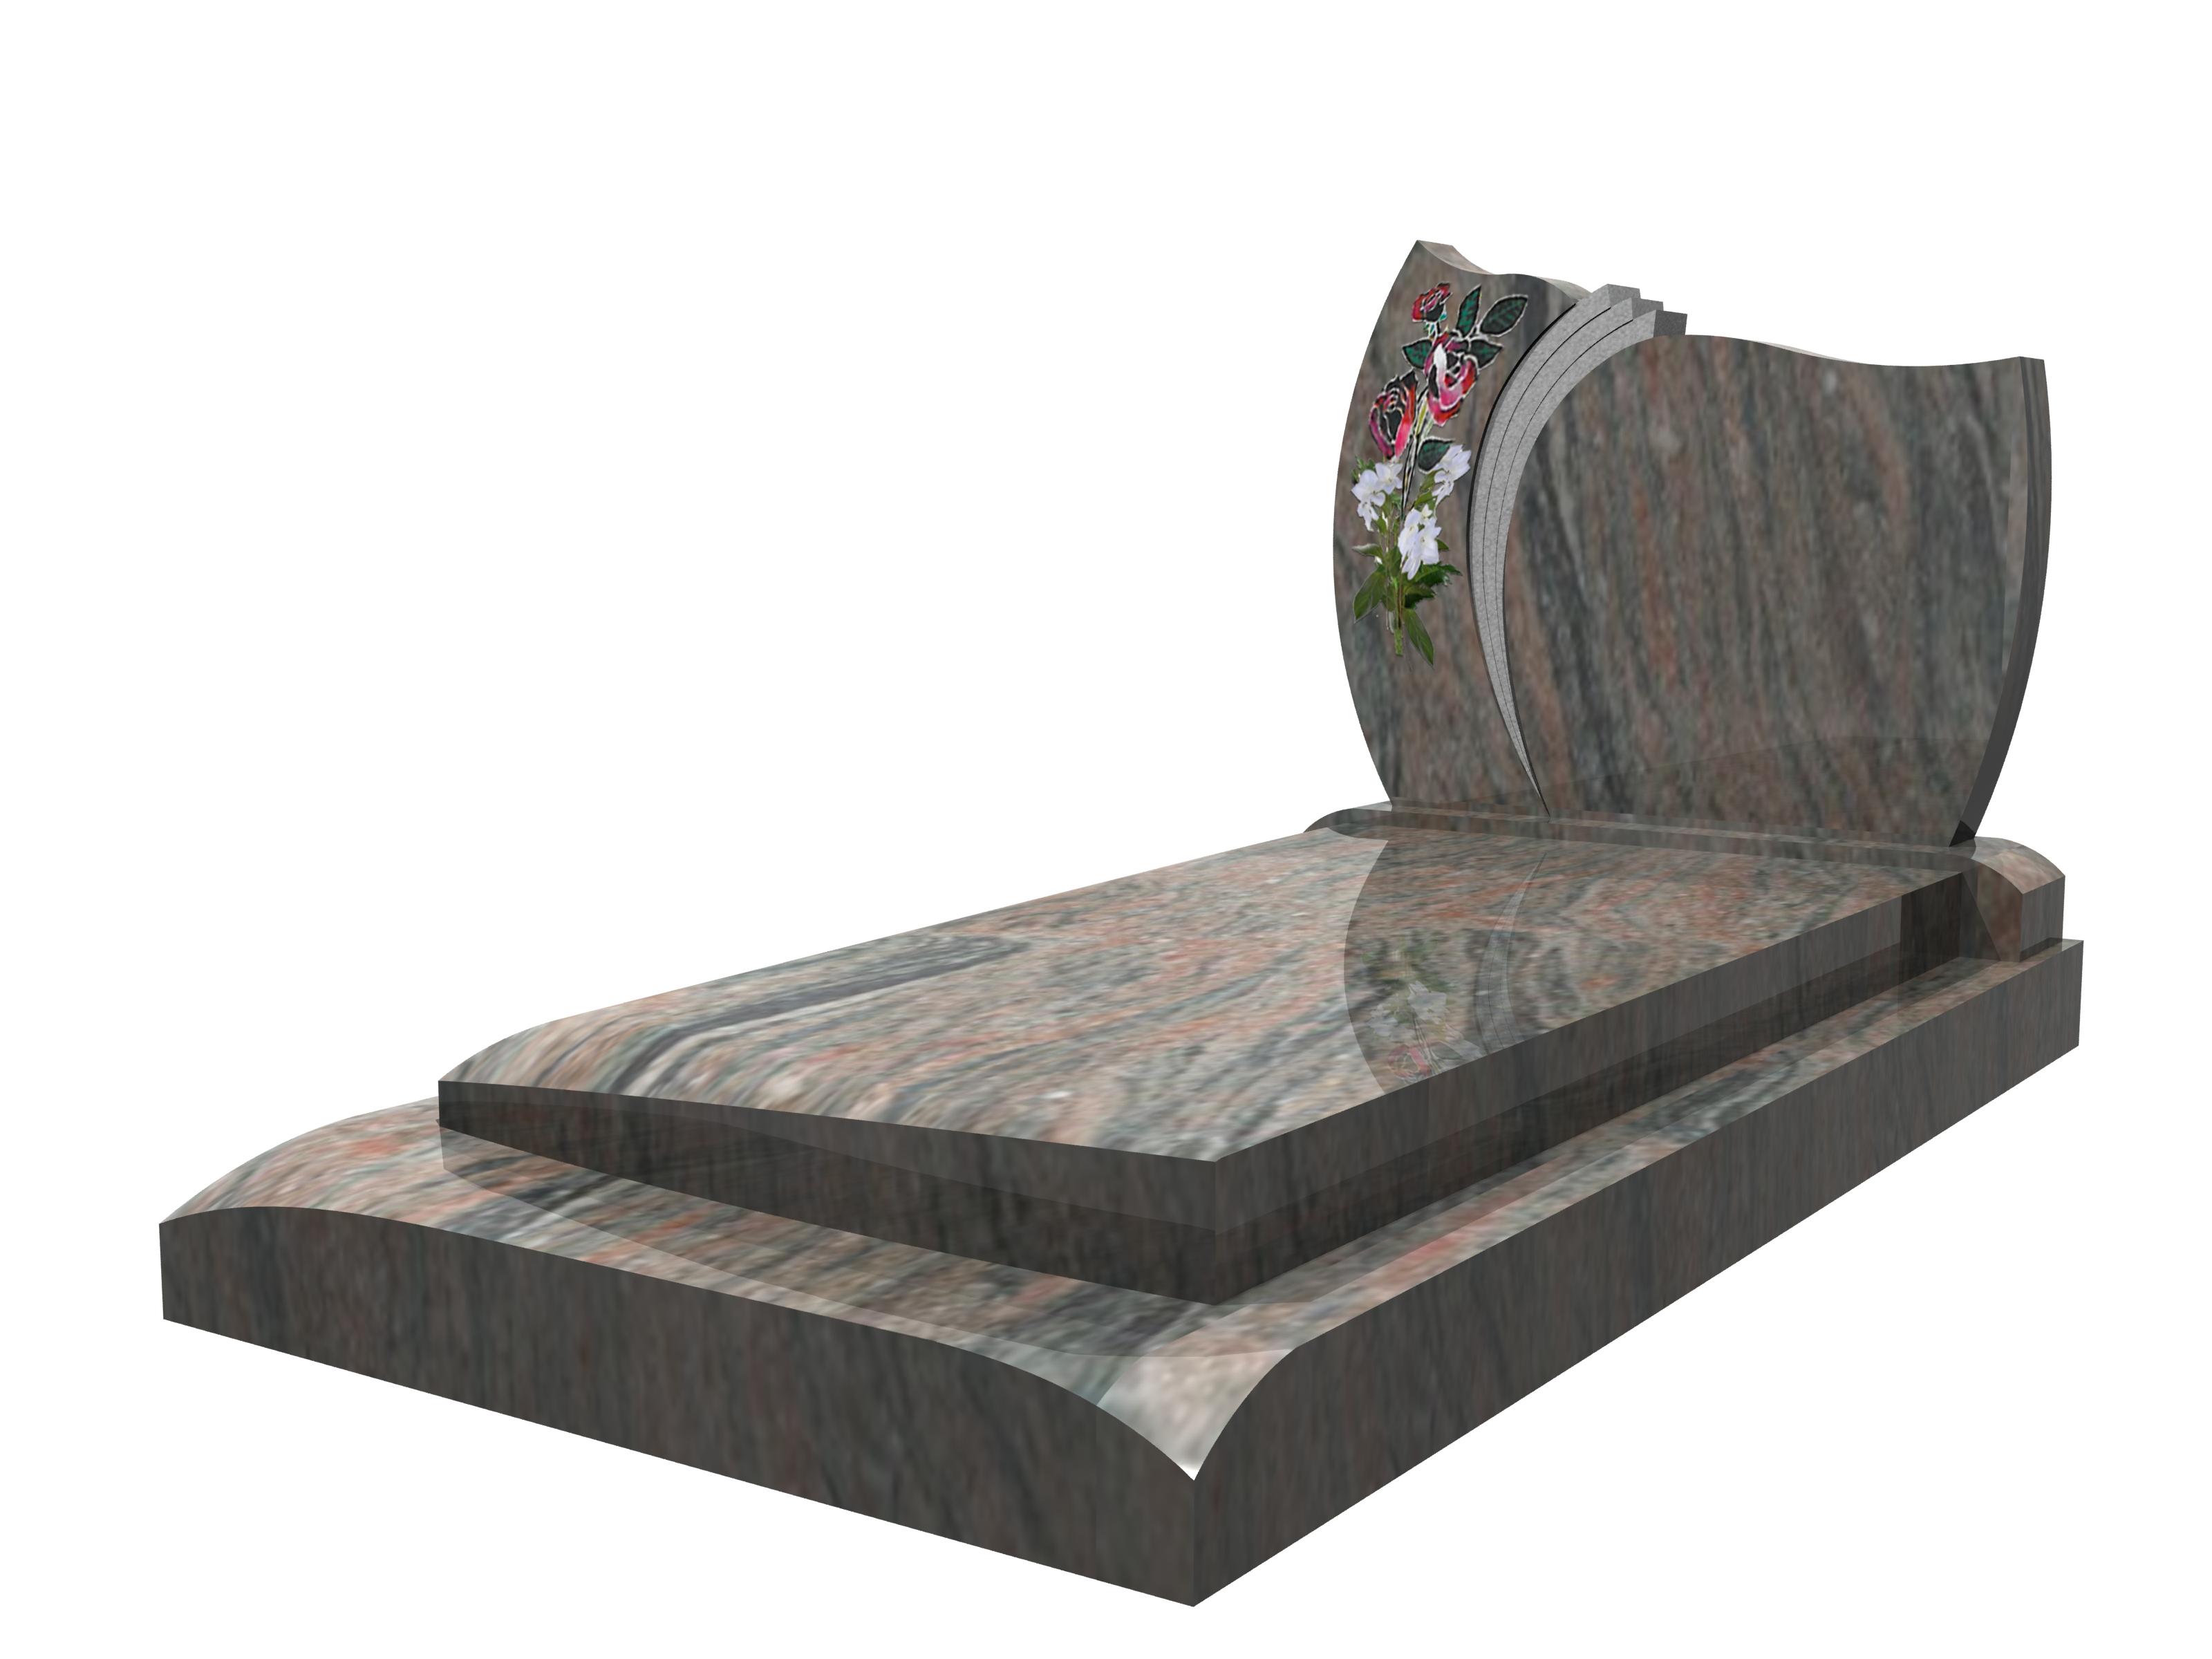 modèle gravure stèle, modèle sablage stèle